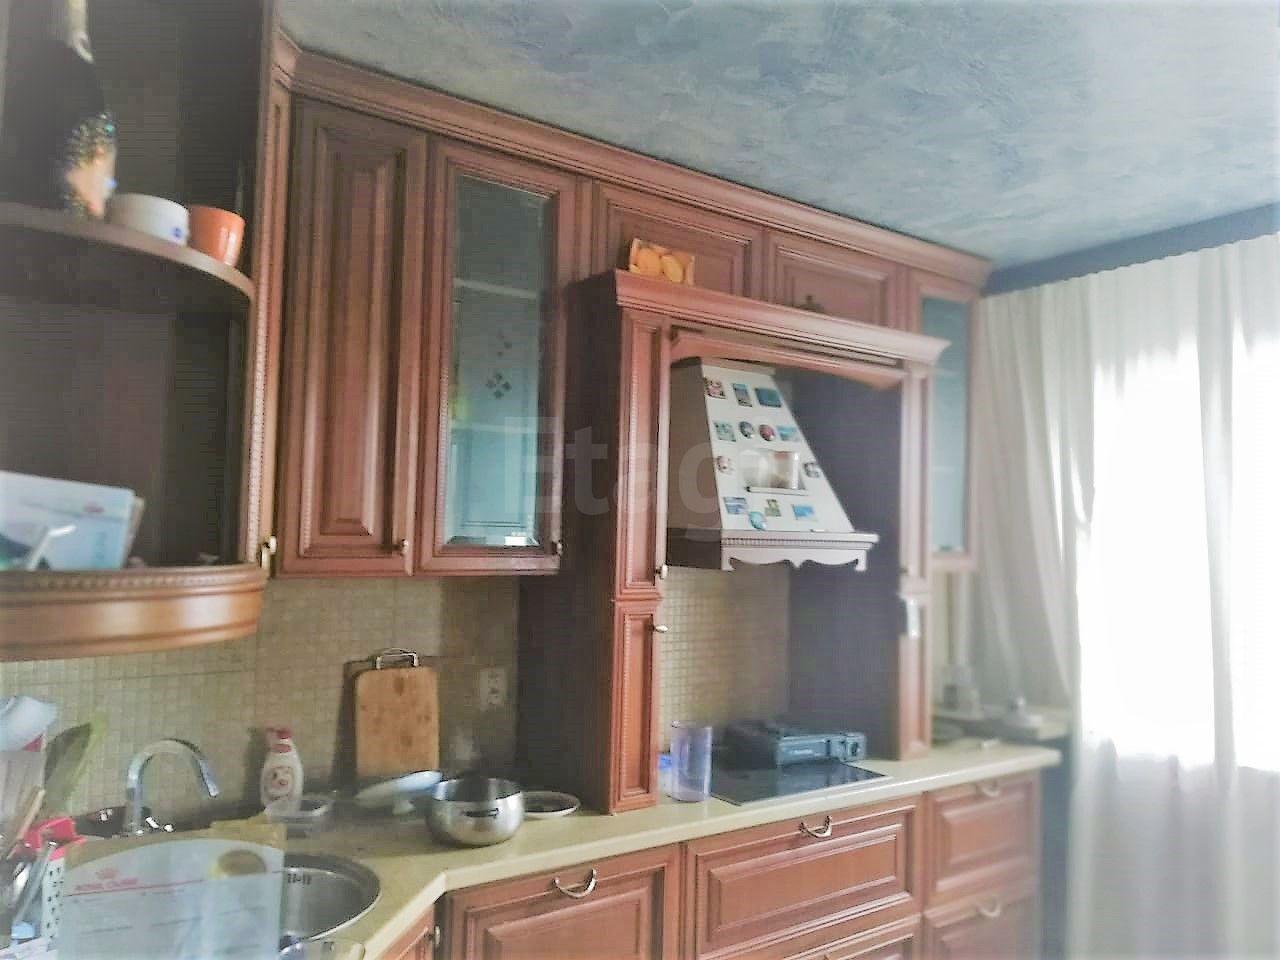 Продается четырехкомнатная квартира за 9 400 000 рублей. Третья рабочая, ул. Шилкинская, д. 11.